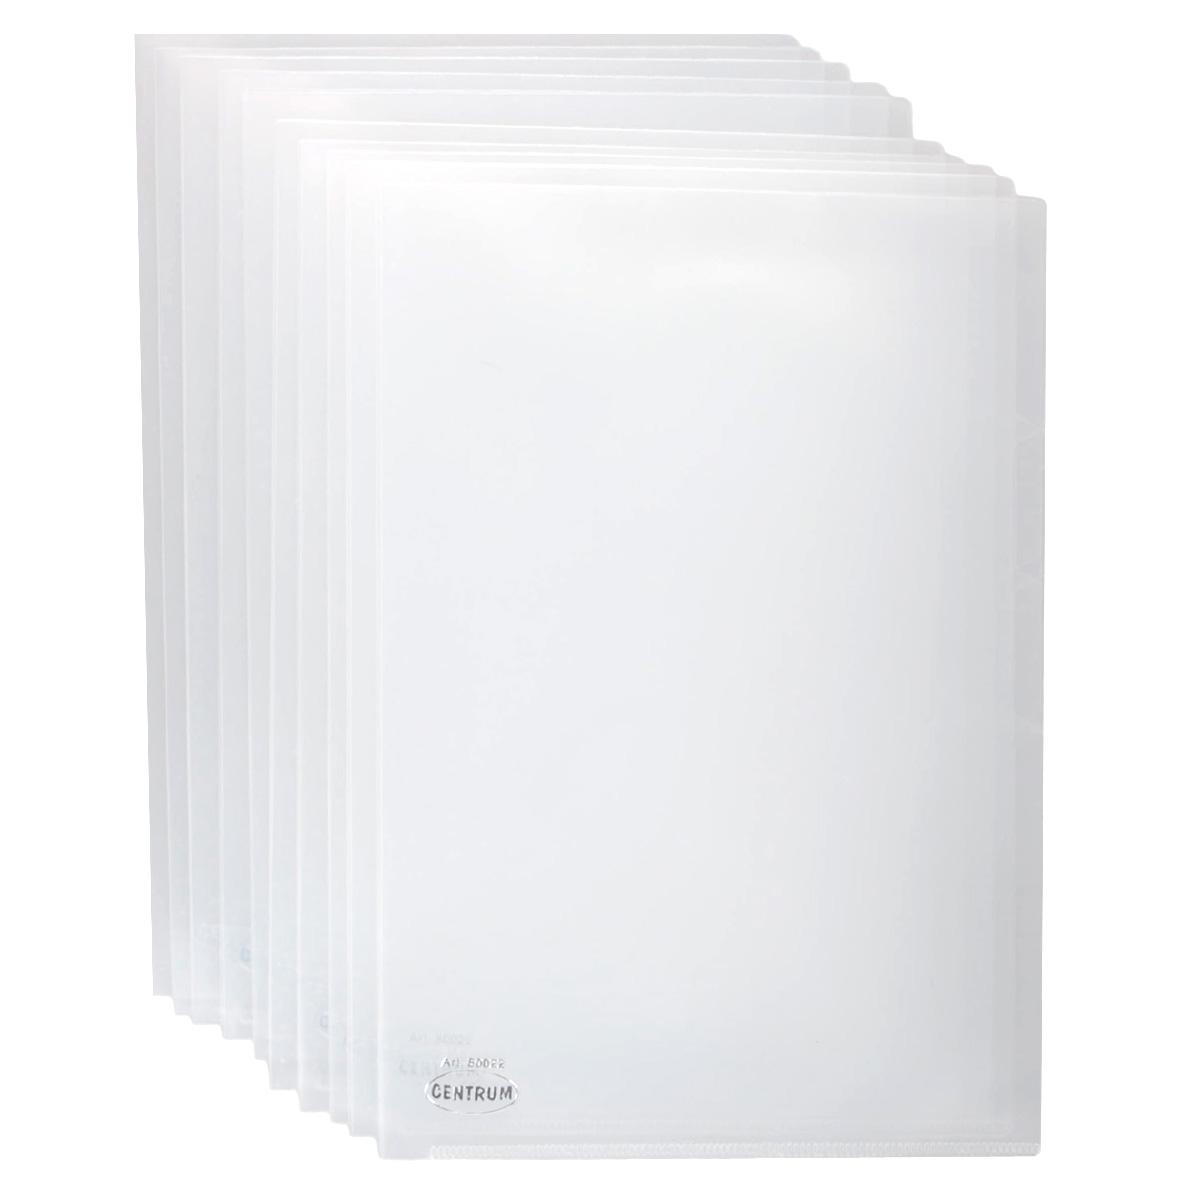 Папка-уголок Сentrum, 3 отделения, цвет: прозрачный. Формат А4, 10 штПР4_10642Папка-уголок Centrum - это удобный и практичный офисный инструмент, предназначенный для хранения и транспортировки рабочих бумаг и документов формата А4. Папка изготовлена из прозрачного глянцевого пластика, имеет три отделения с индексами-табуляторами. В комплект входят 10 папок формата А4. Папка-уголок - это незаменимый атрибут для студента, школьника, офисного работника. Такая папка надежно сохранит ваши документы и сбережет их от повреждений, пыли и влаги.